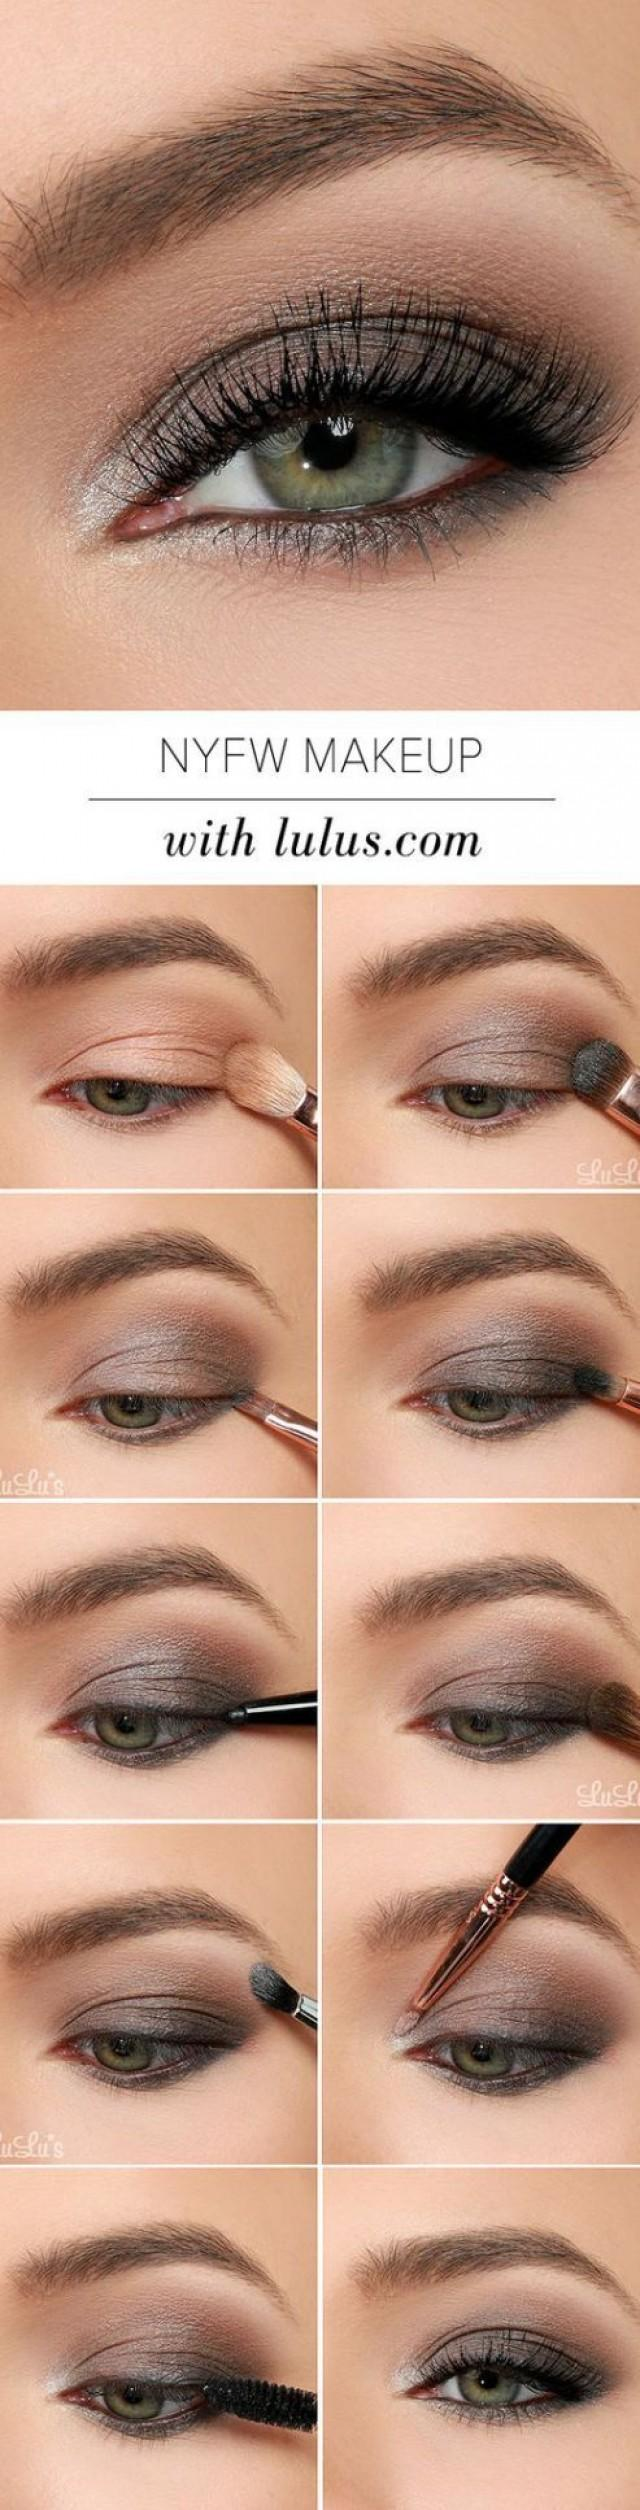 Ежедневный макияж для зеленых глаз пошаговое в домашних